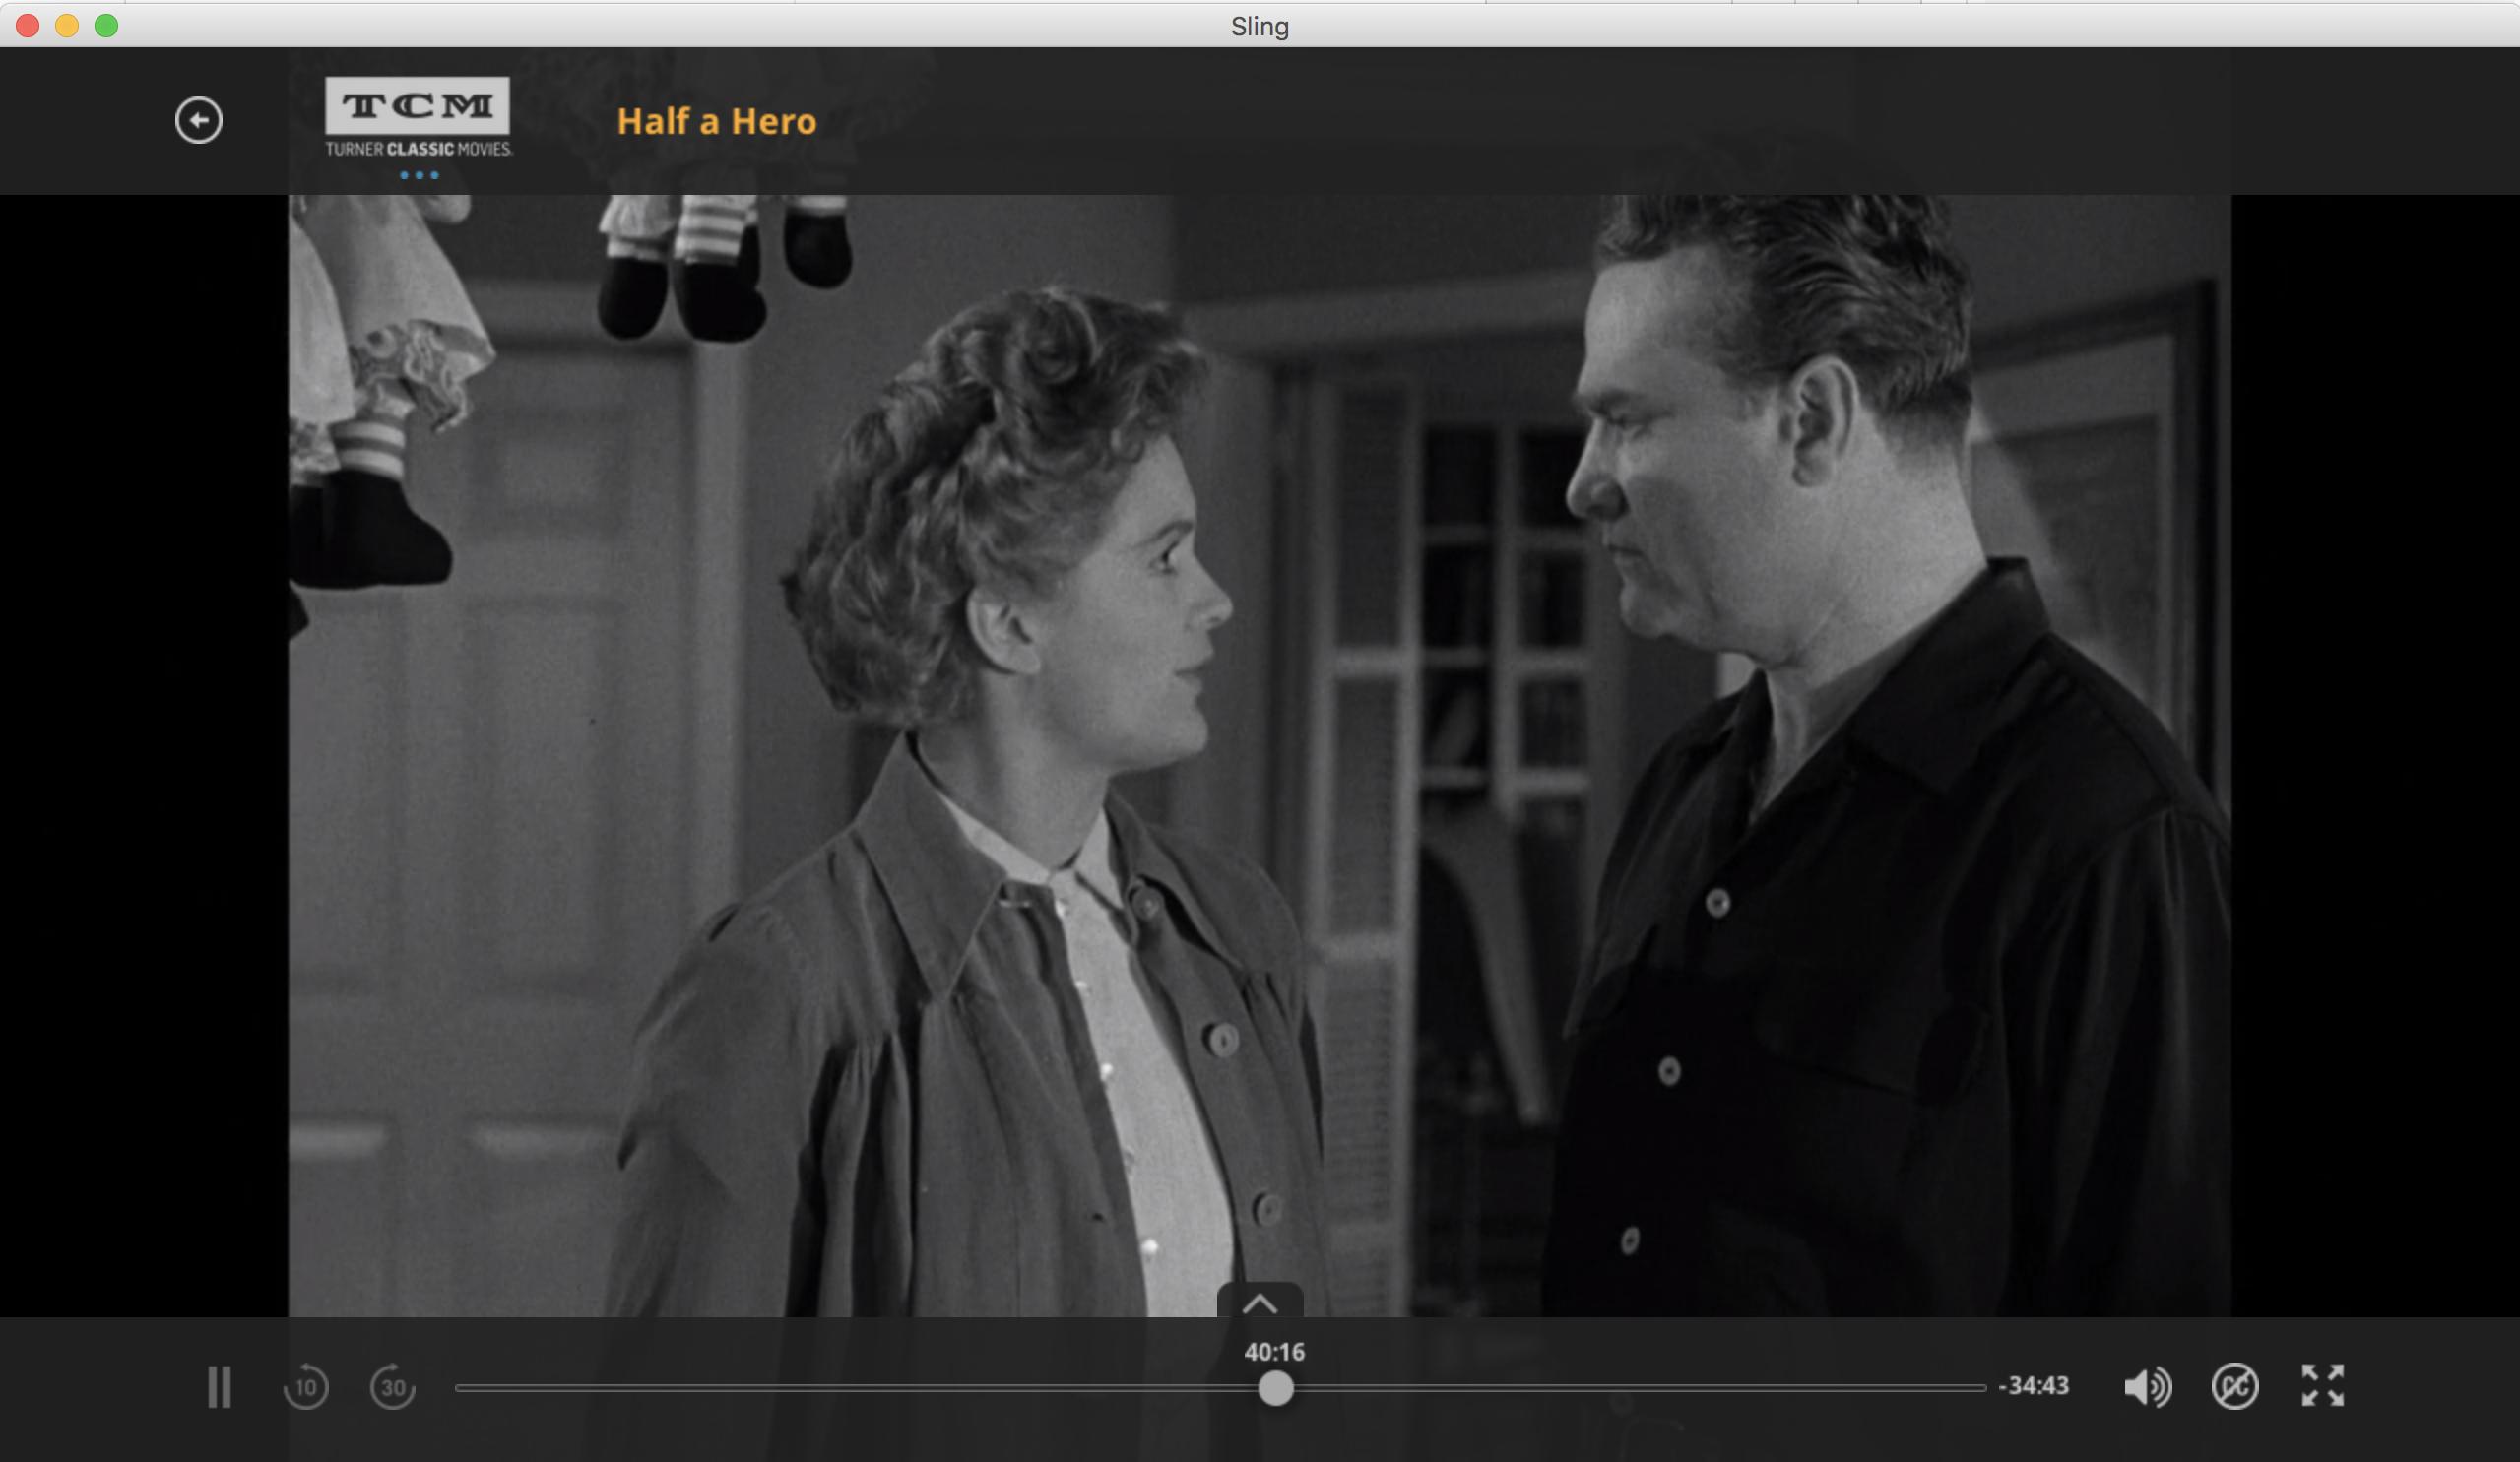 half a hero movie, slingtv streaming tcm, mac